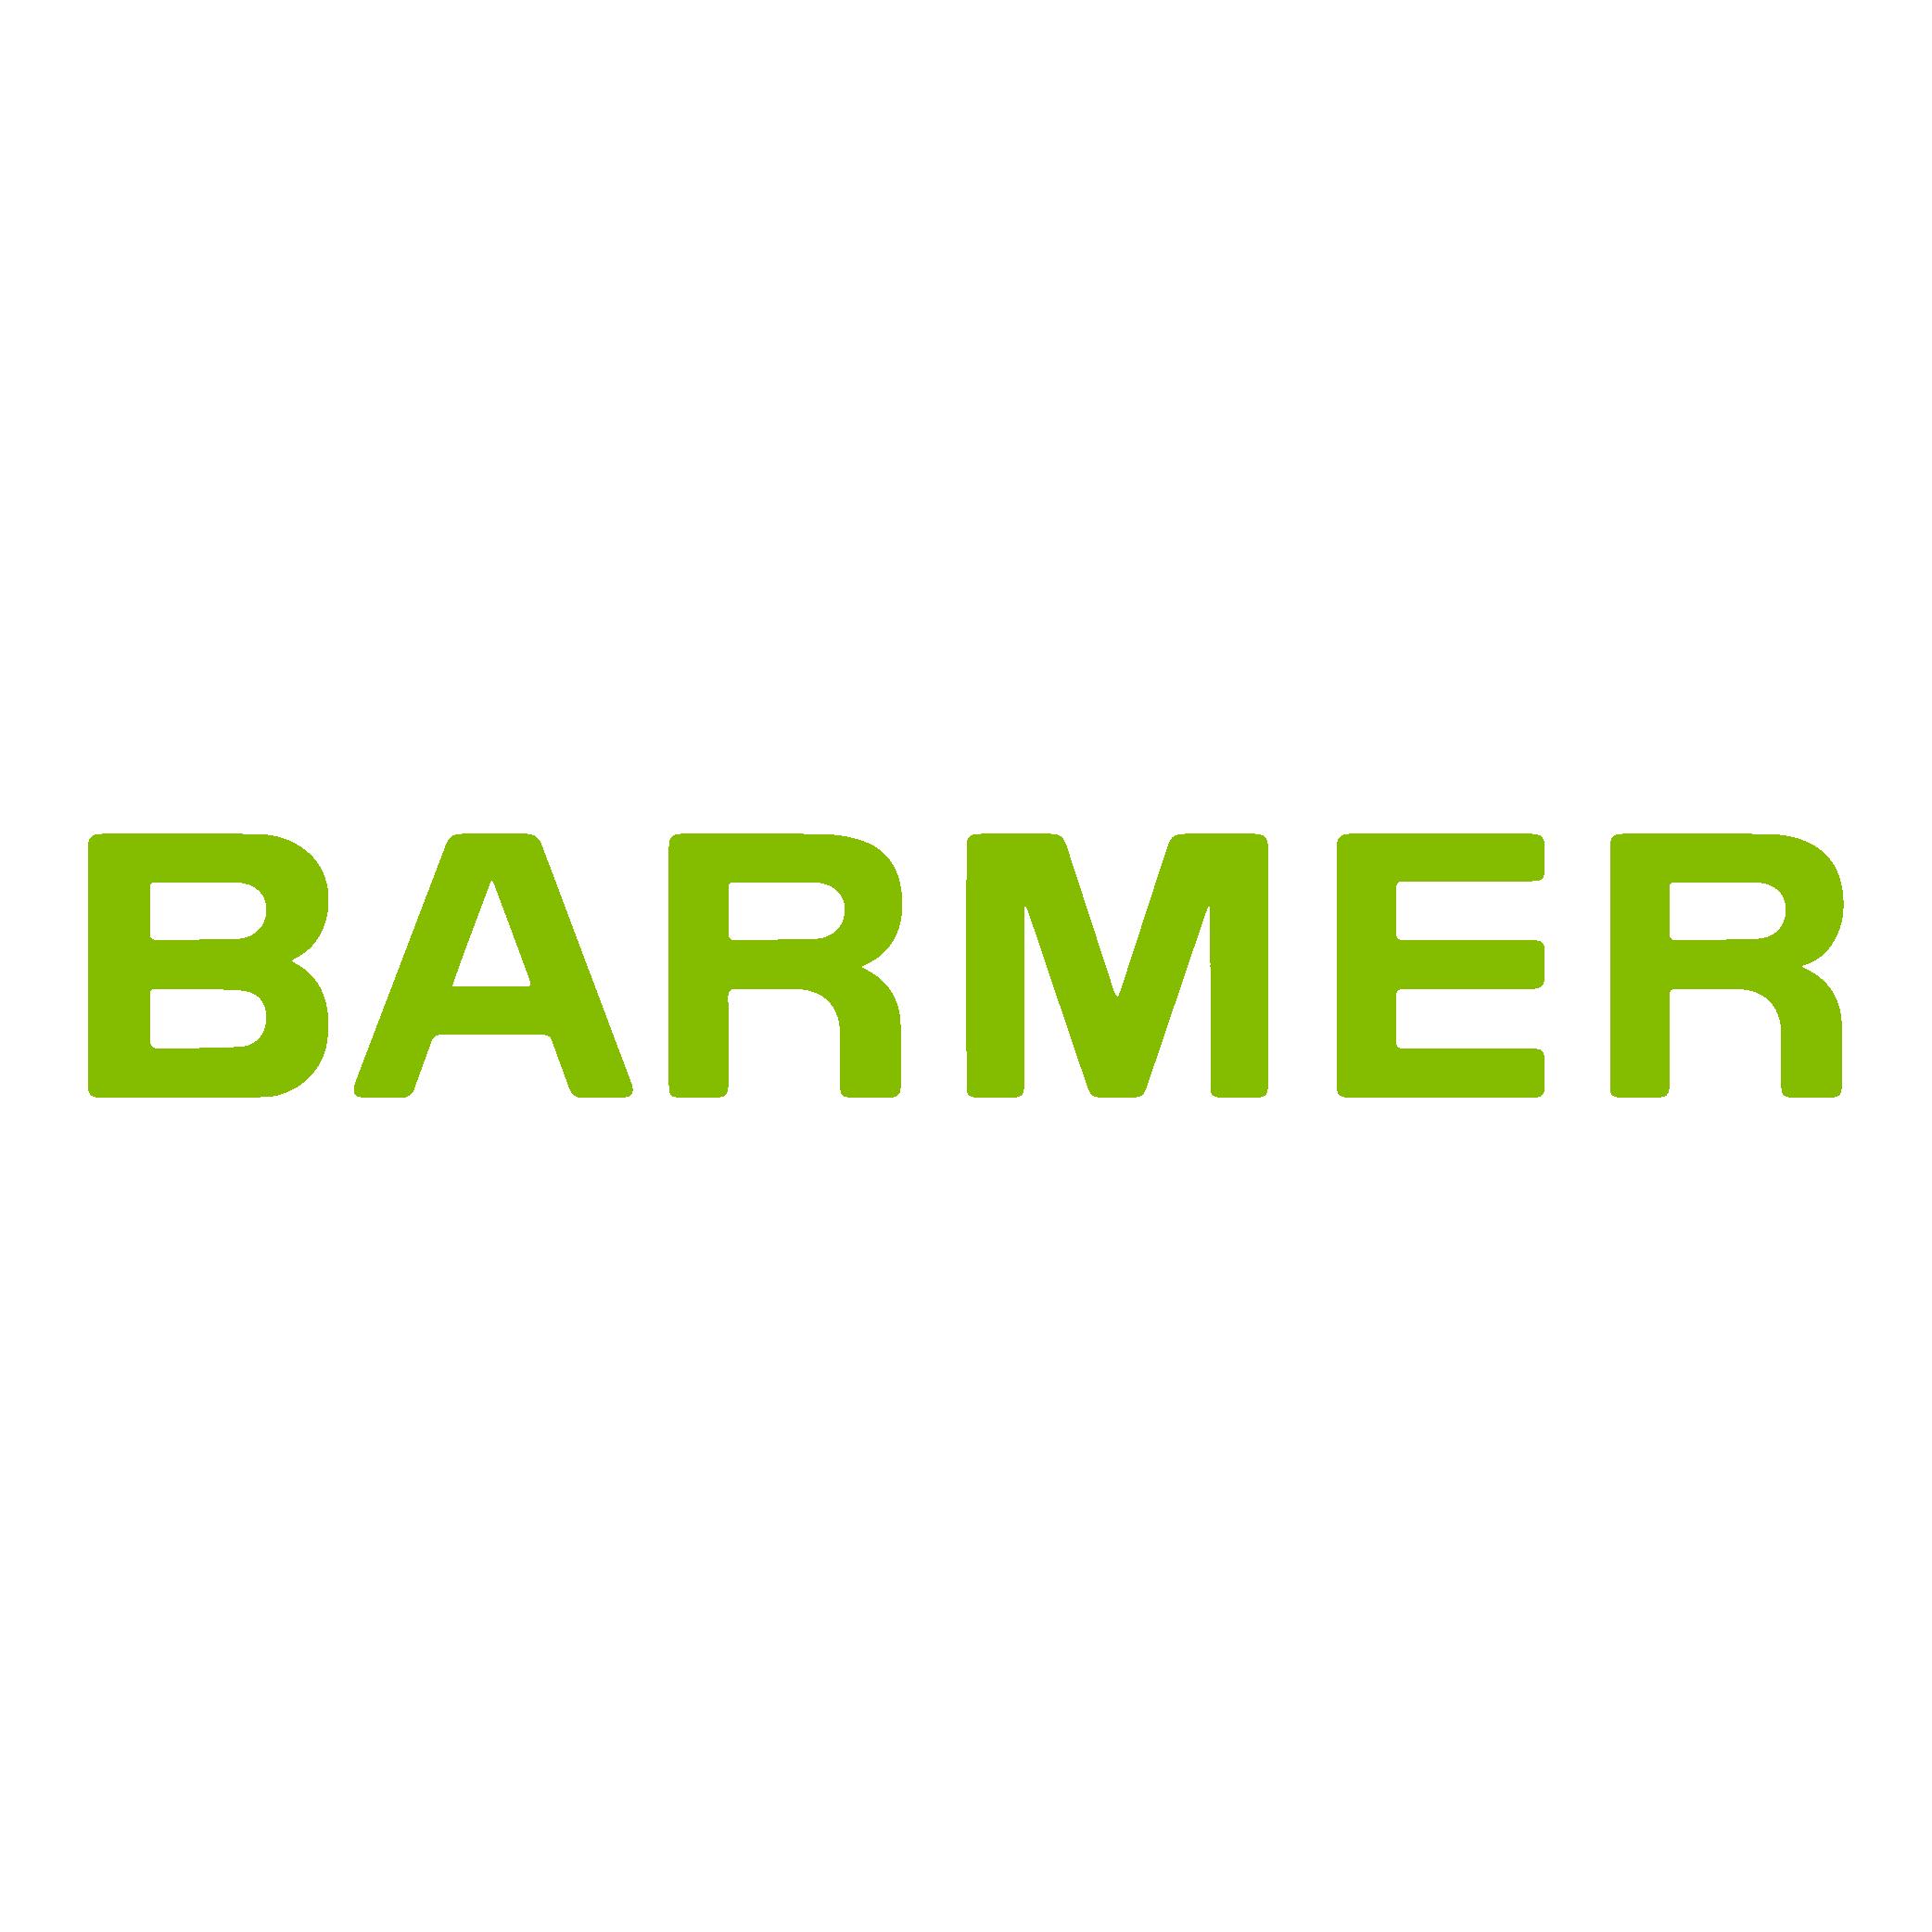 Markenzeichen der BARMER